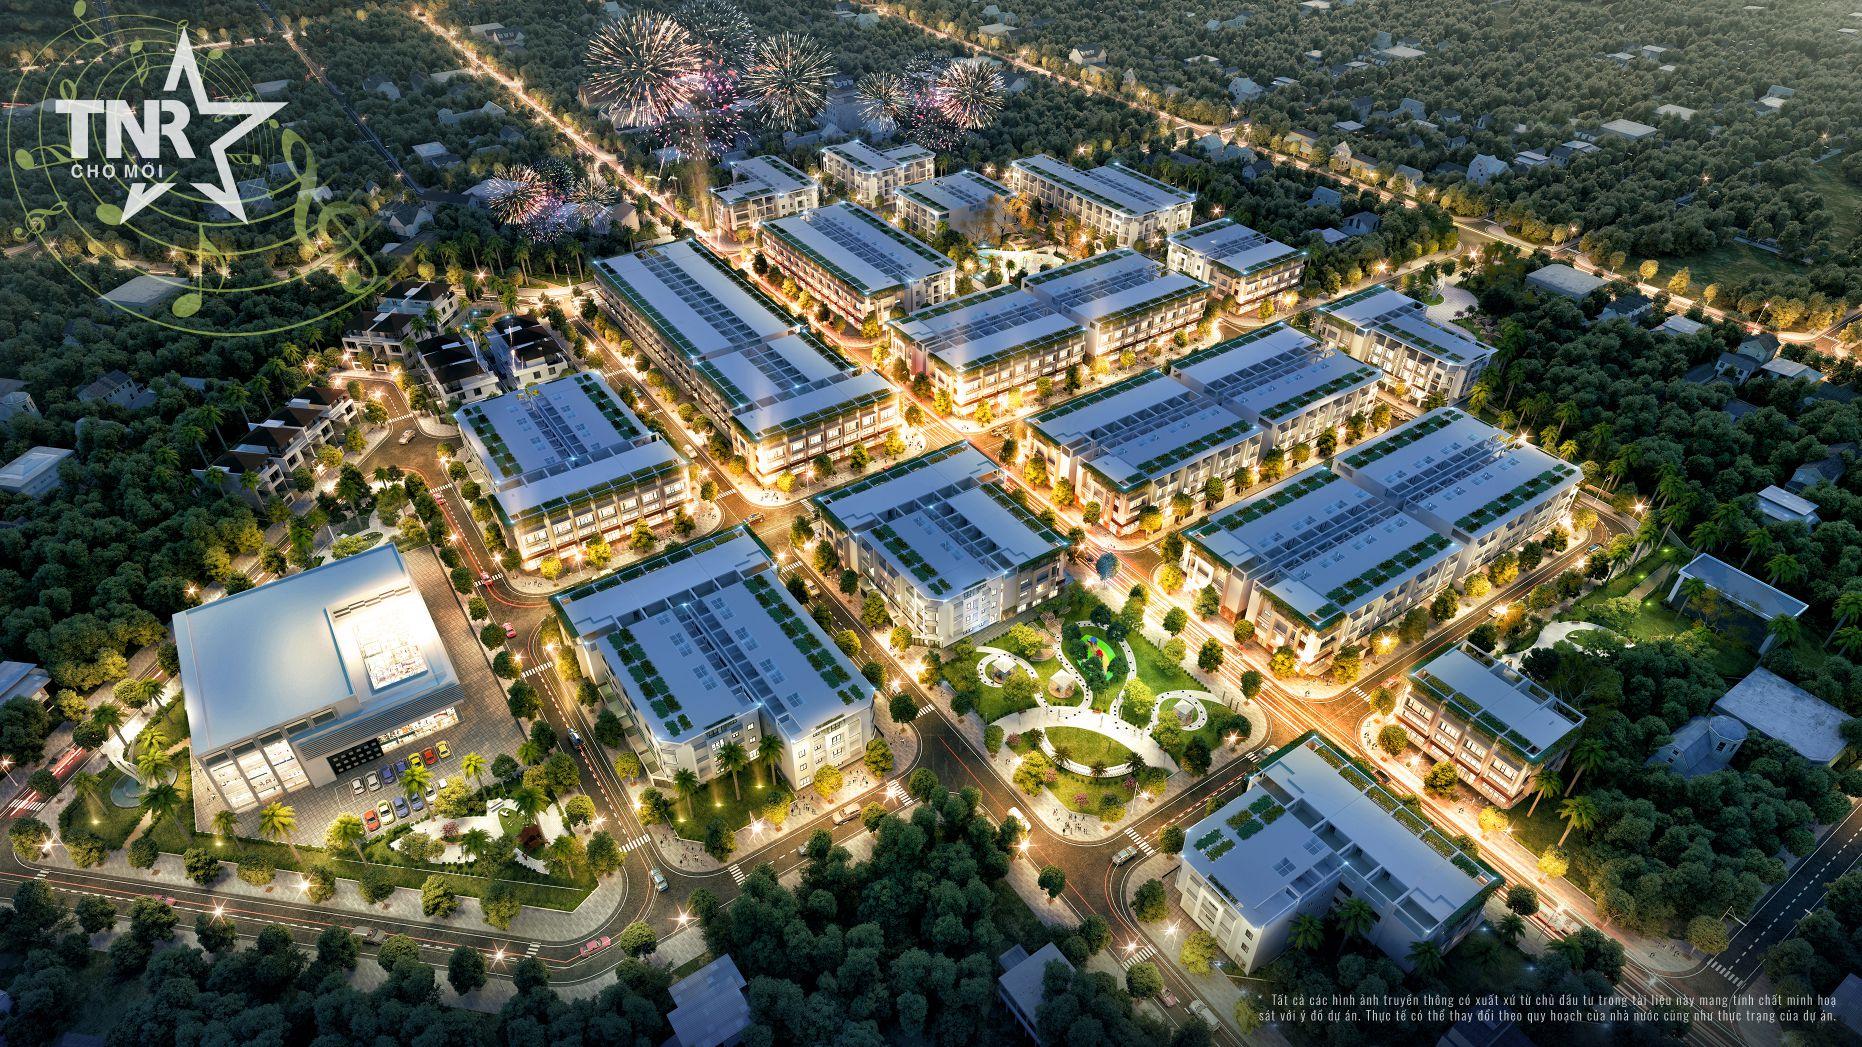 Phối cảnh dự án khu đô thị TNR Stars Chợ Mới